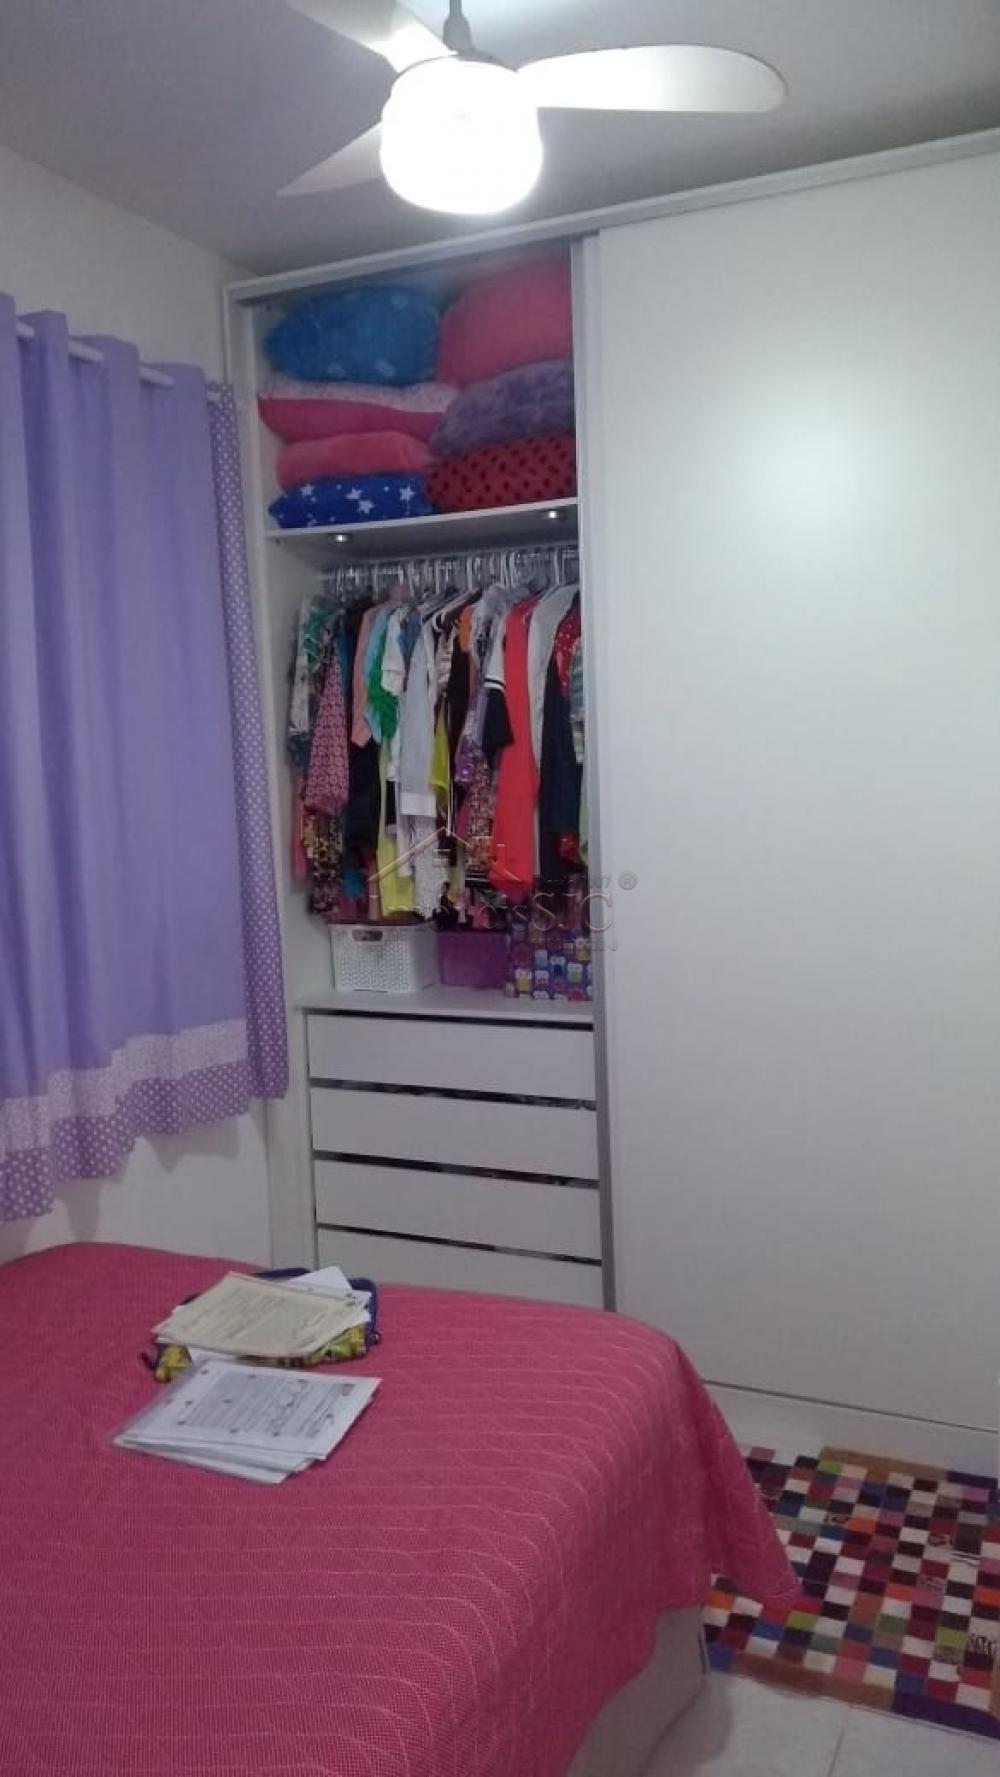 Comprar Casas / Condomínio em São José dos Campos apenas R$ 175.000,00 - Foto 10